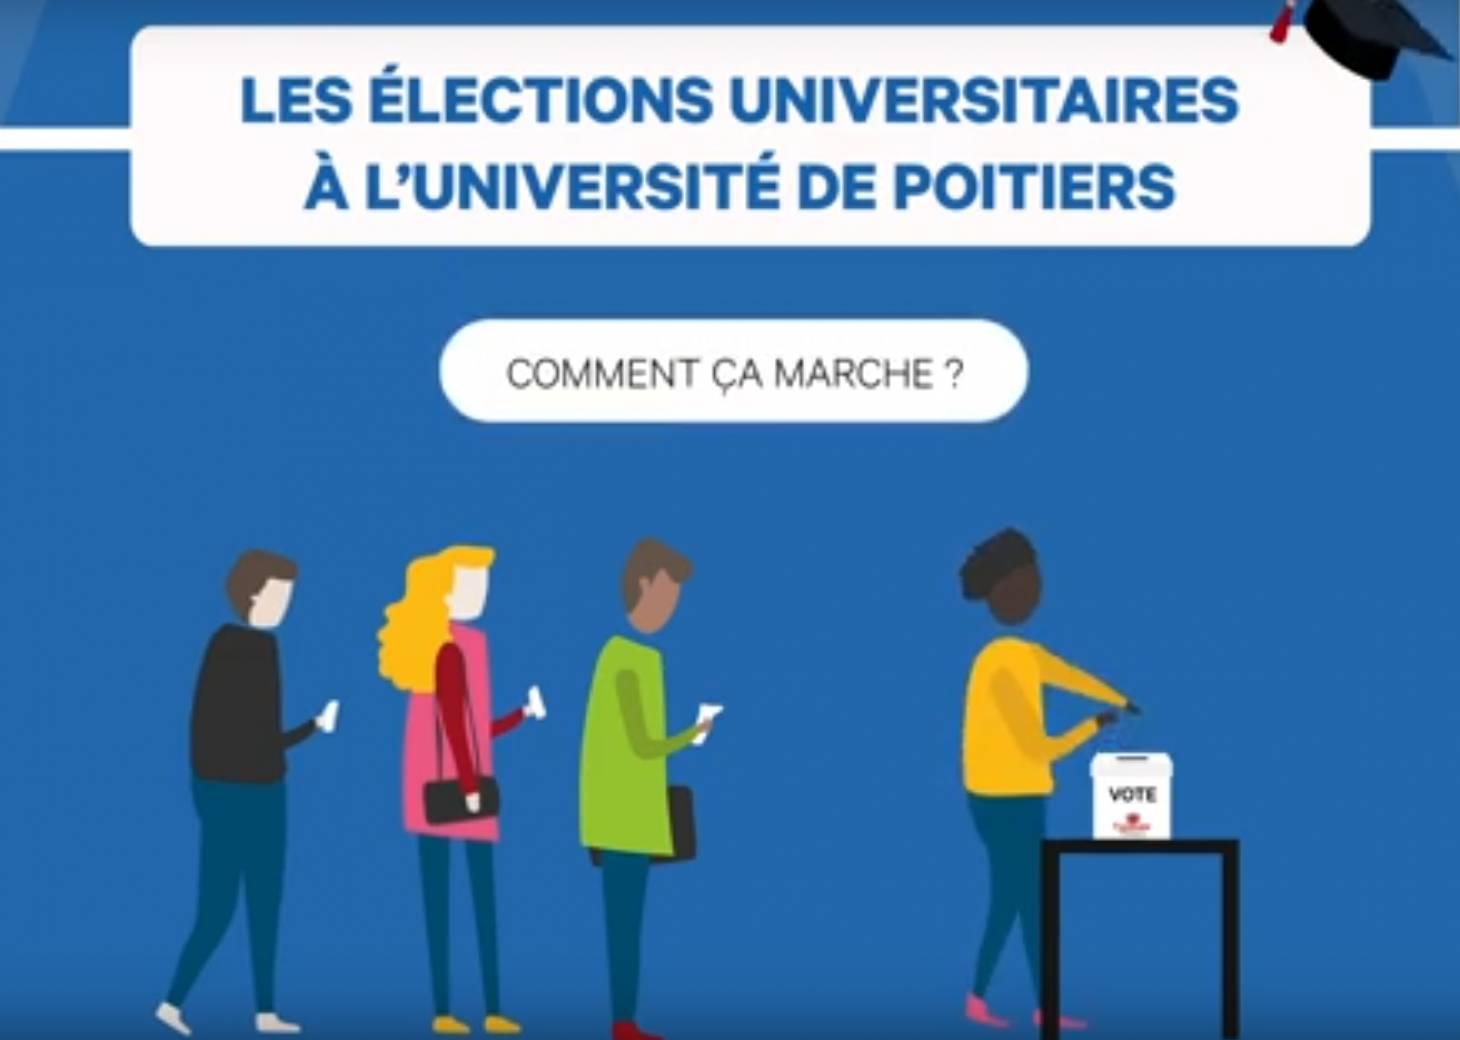 Elections/Université : les quatre candidats à la présidence en débat